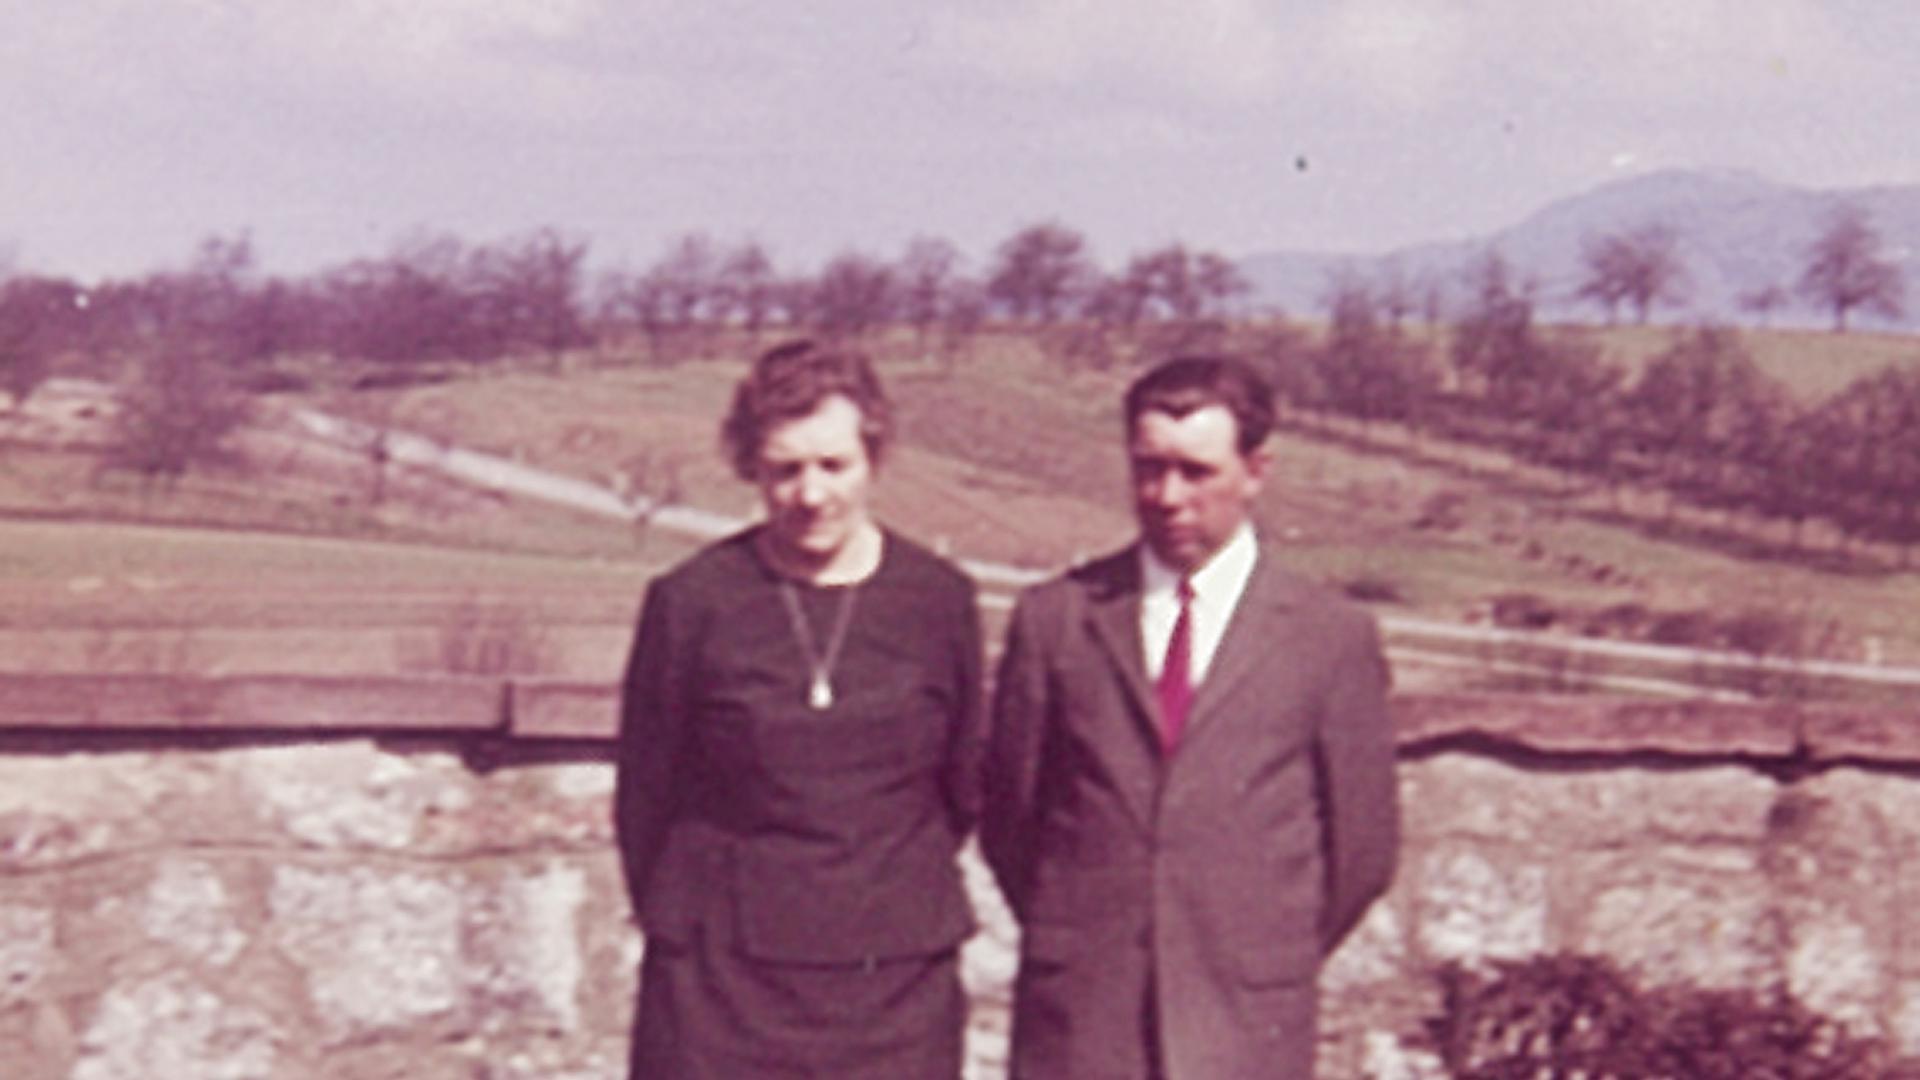 Besuch aus Norddeutschland: Mareke Harberts am Grab in Ulm mit ihrem verstorbenen ältesten Sohn Siegfried.